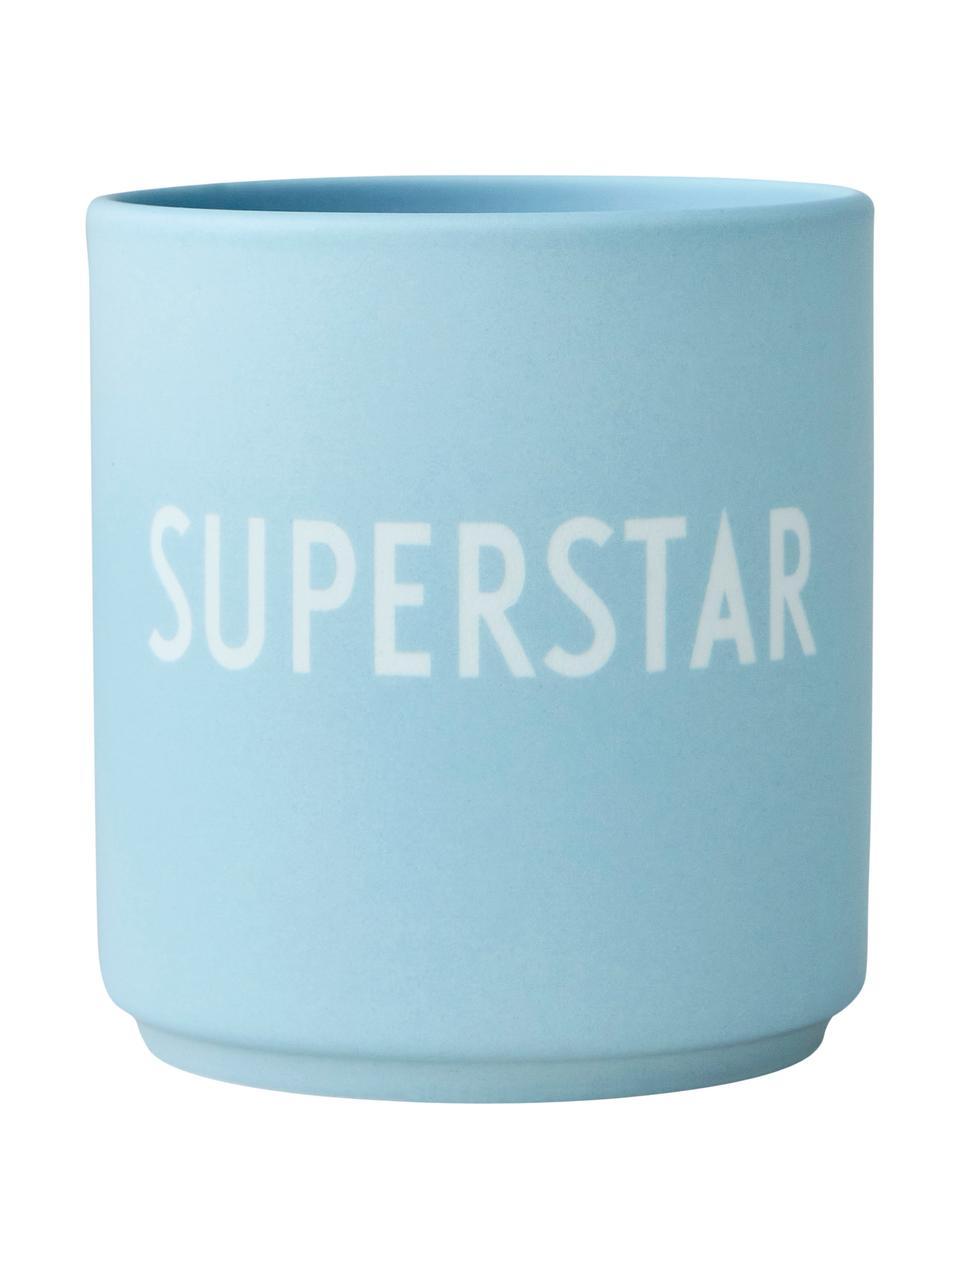 Design Becher Favourite SUPERSTAR in Blau mit Schriftzug, Fine Bone China (Porzellan) Fine Bone China ist ein Weichporzellan, das sich besonders durch seinen strahlenden, durchscheinenden Glanz auszeichnet., Hellblau, Weiß, Ø 8 x 9 cm